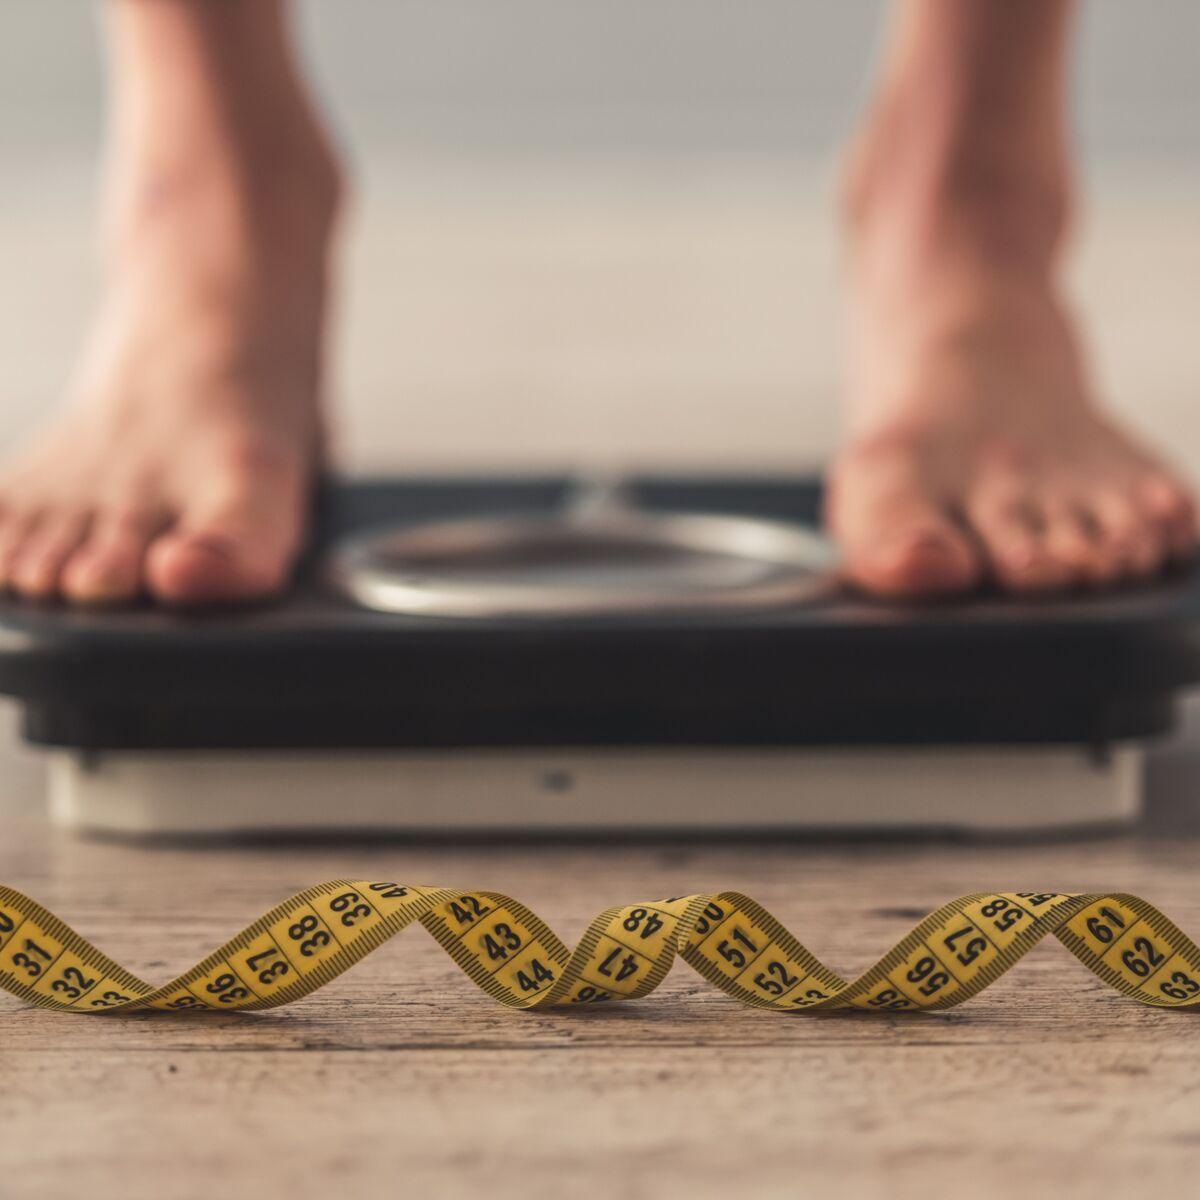 quelles maladies provoquent une perte de poids inexpliquée natalie puche perte de poids